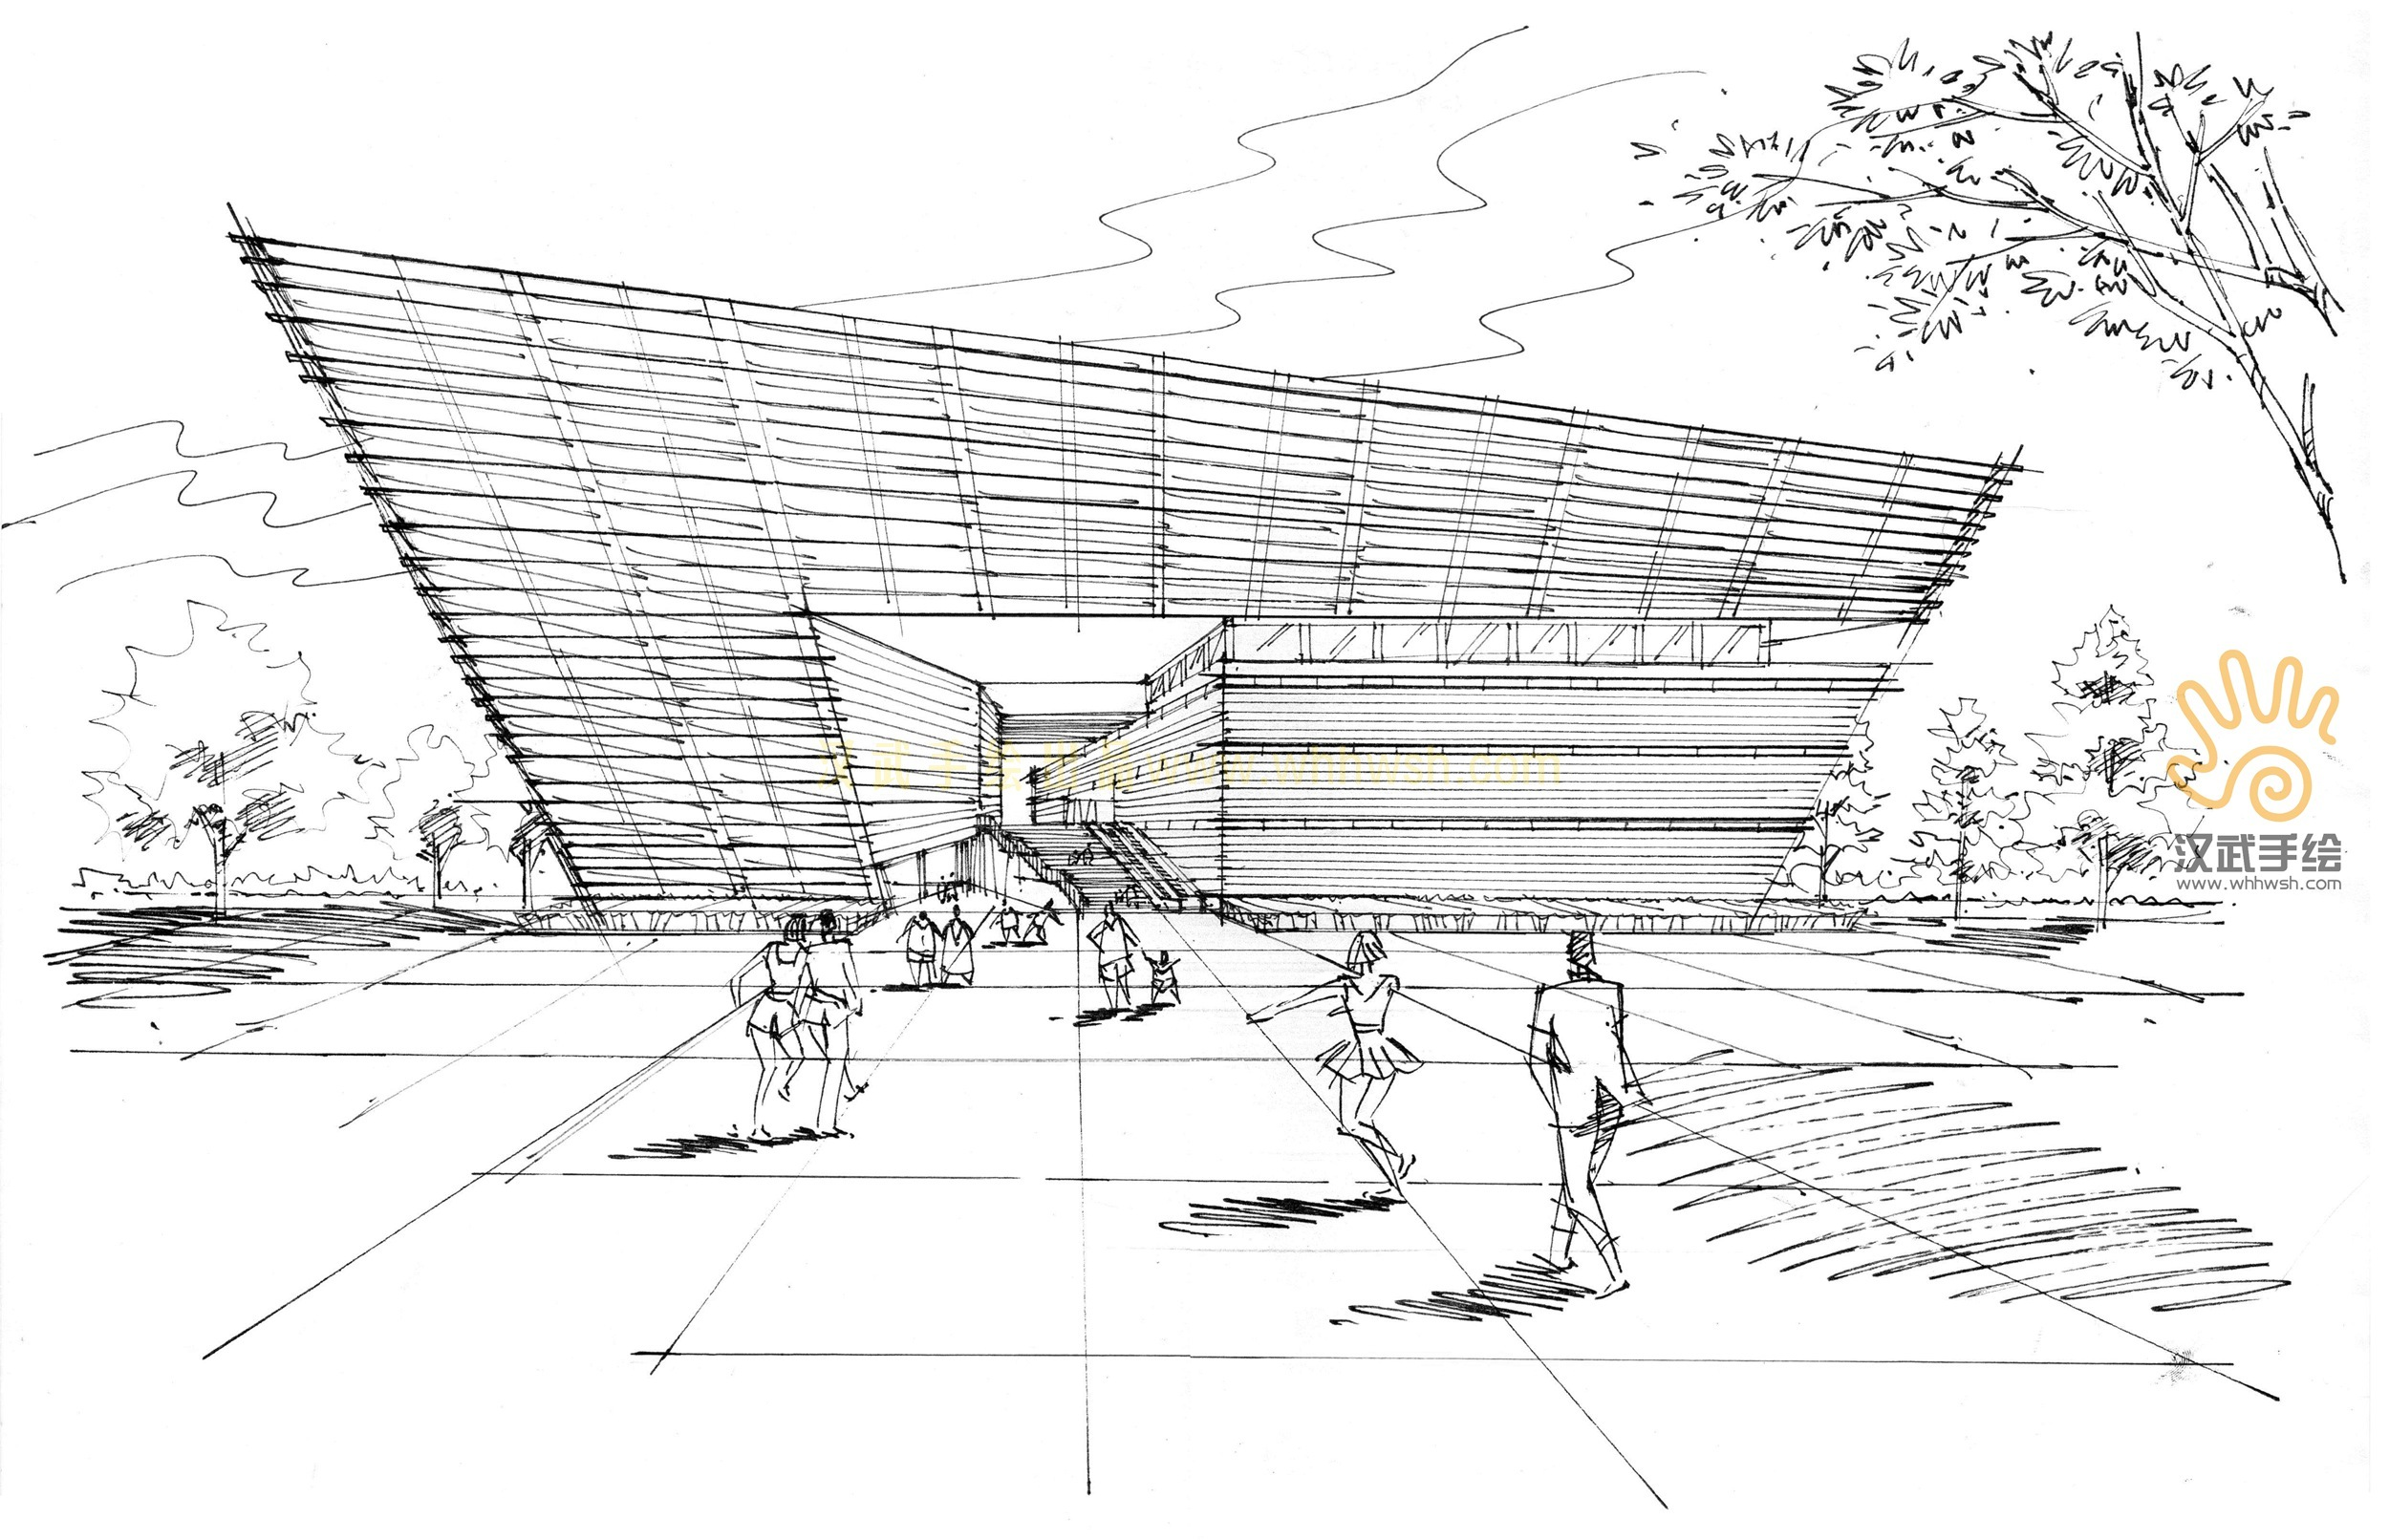 双十一建筑手绘作品|空间|建筑设计|汉武手绘 - 原创